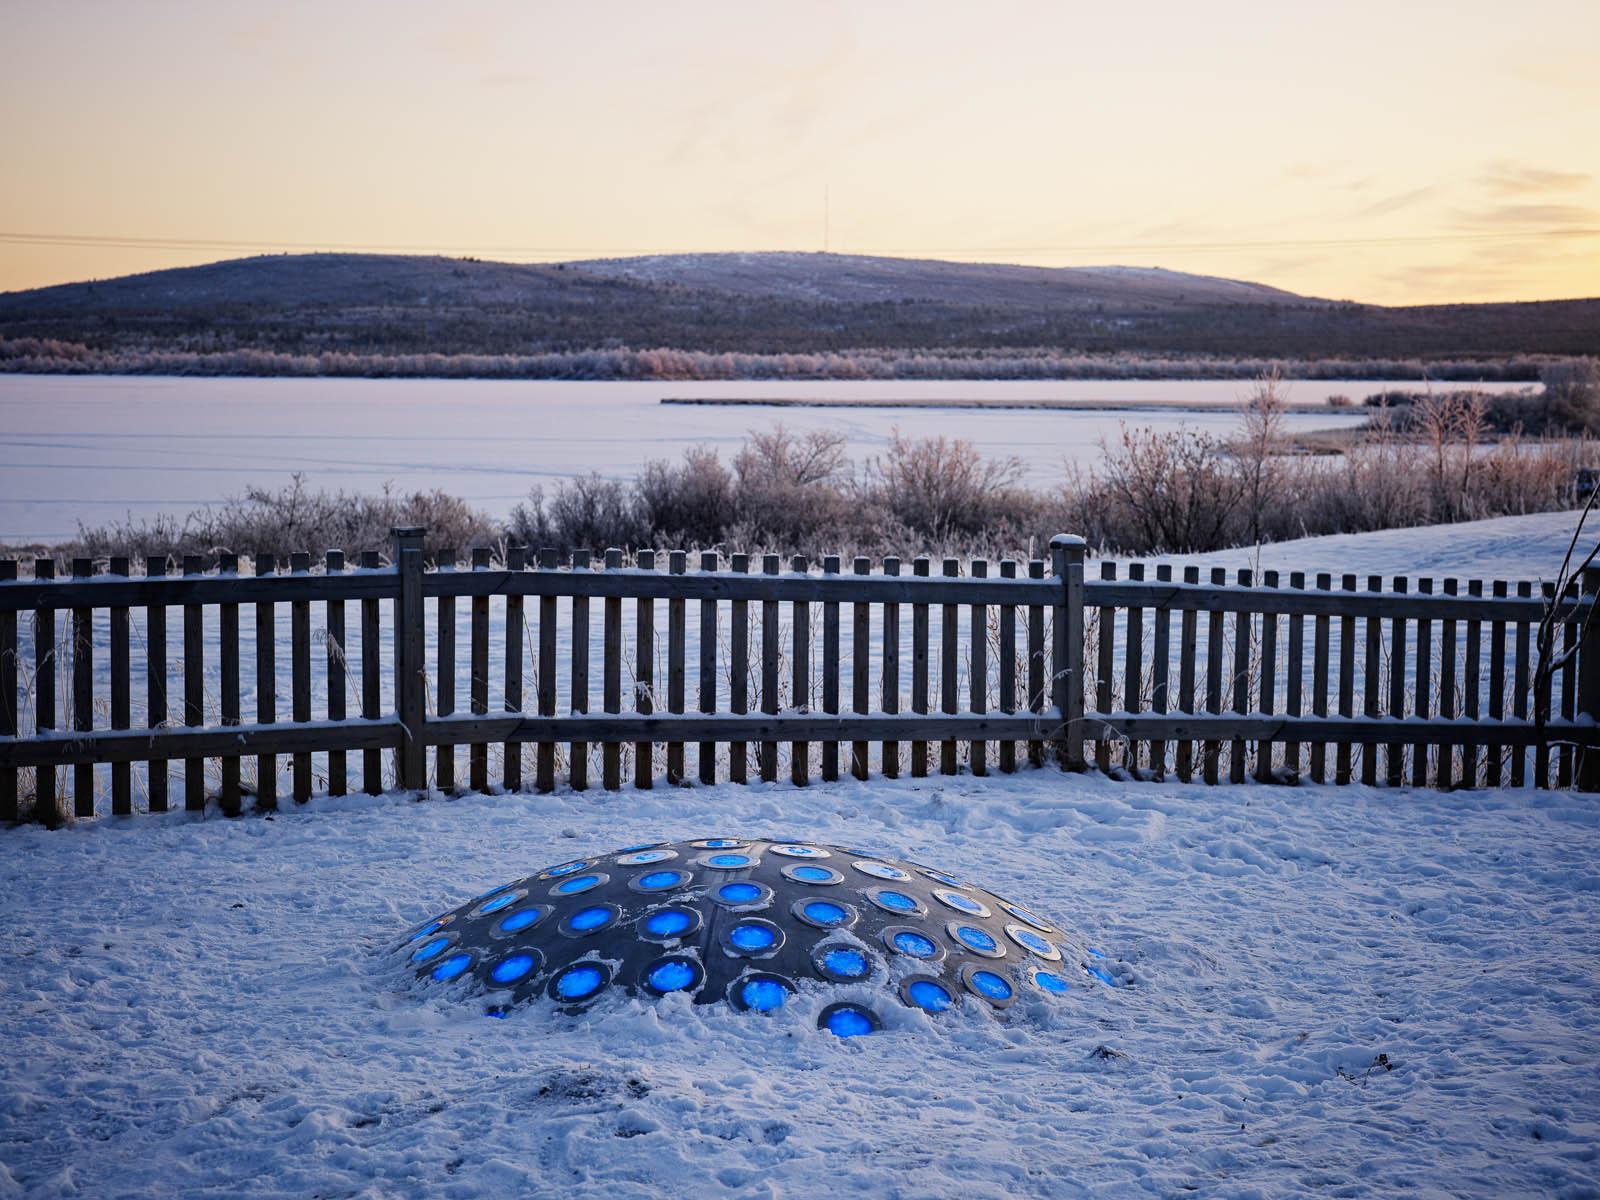 Termonodens lampor lyser blå i den snötäckta gryningen. Bakom staketet sträcker sig fjället. Markus Lantto, Termonoder, 2009